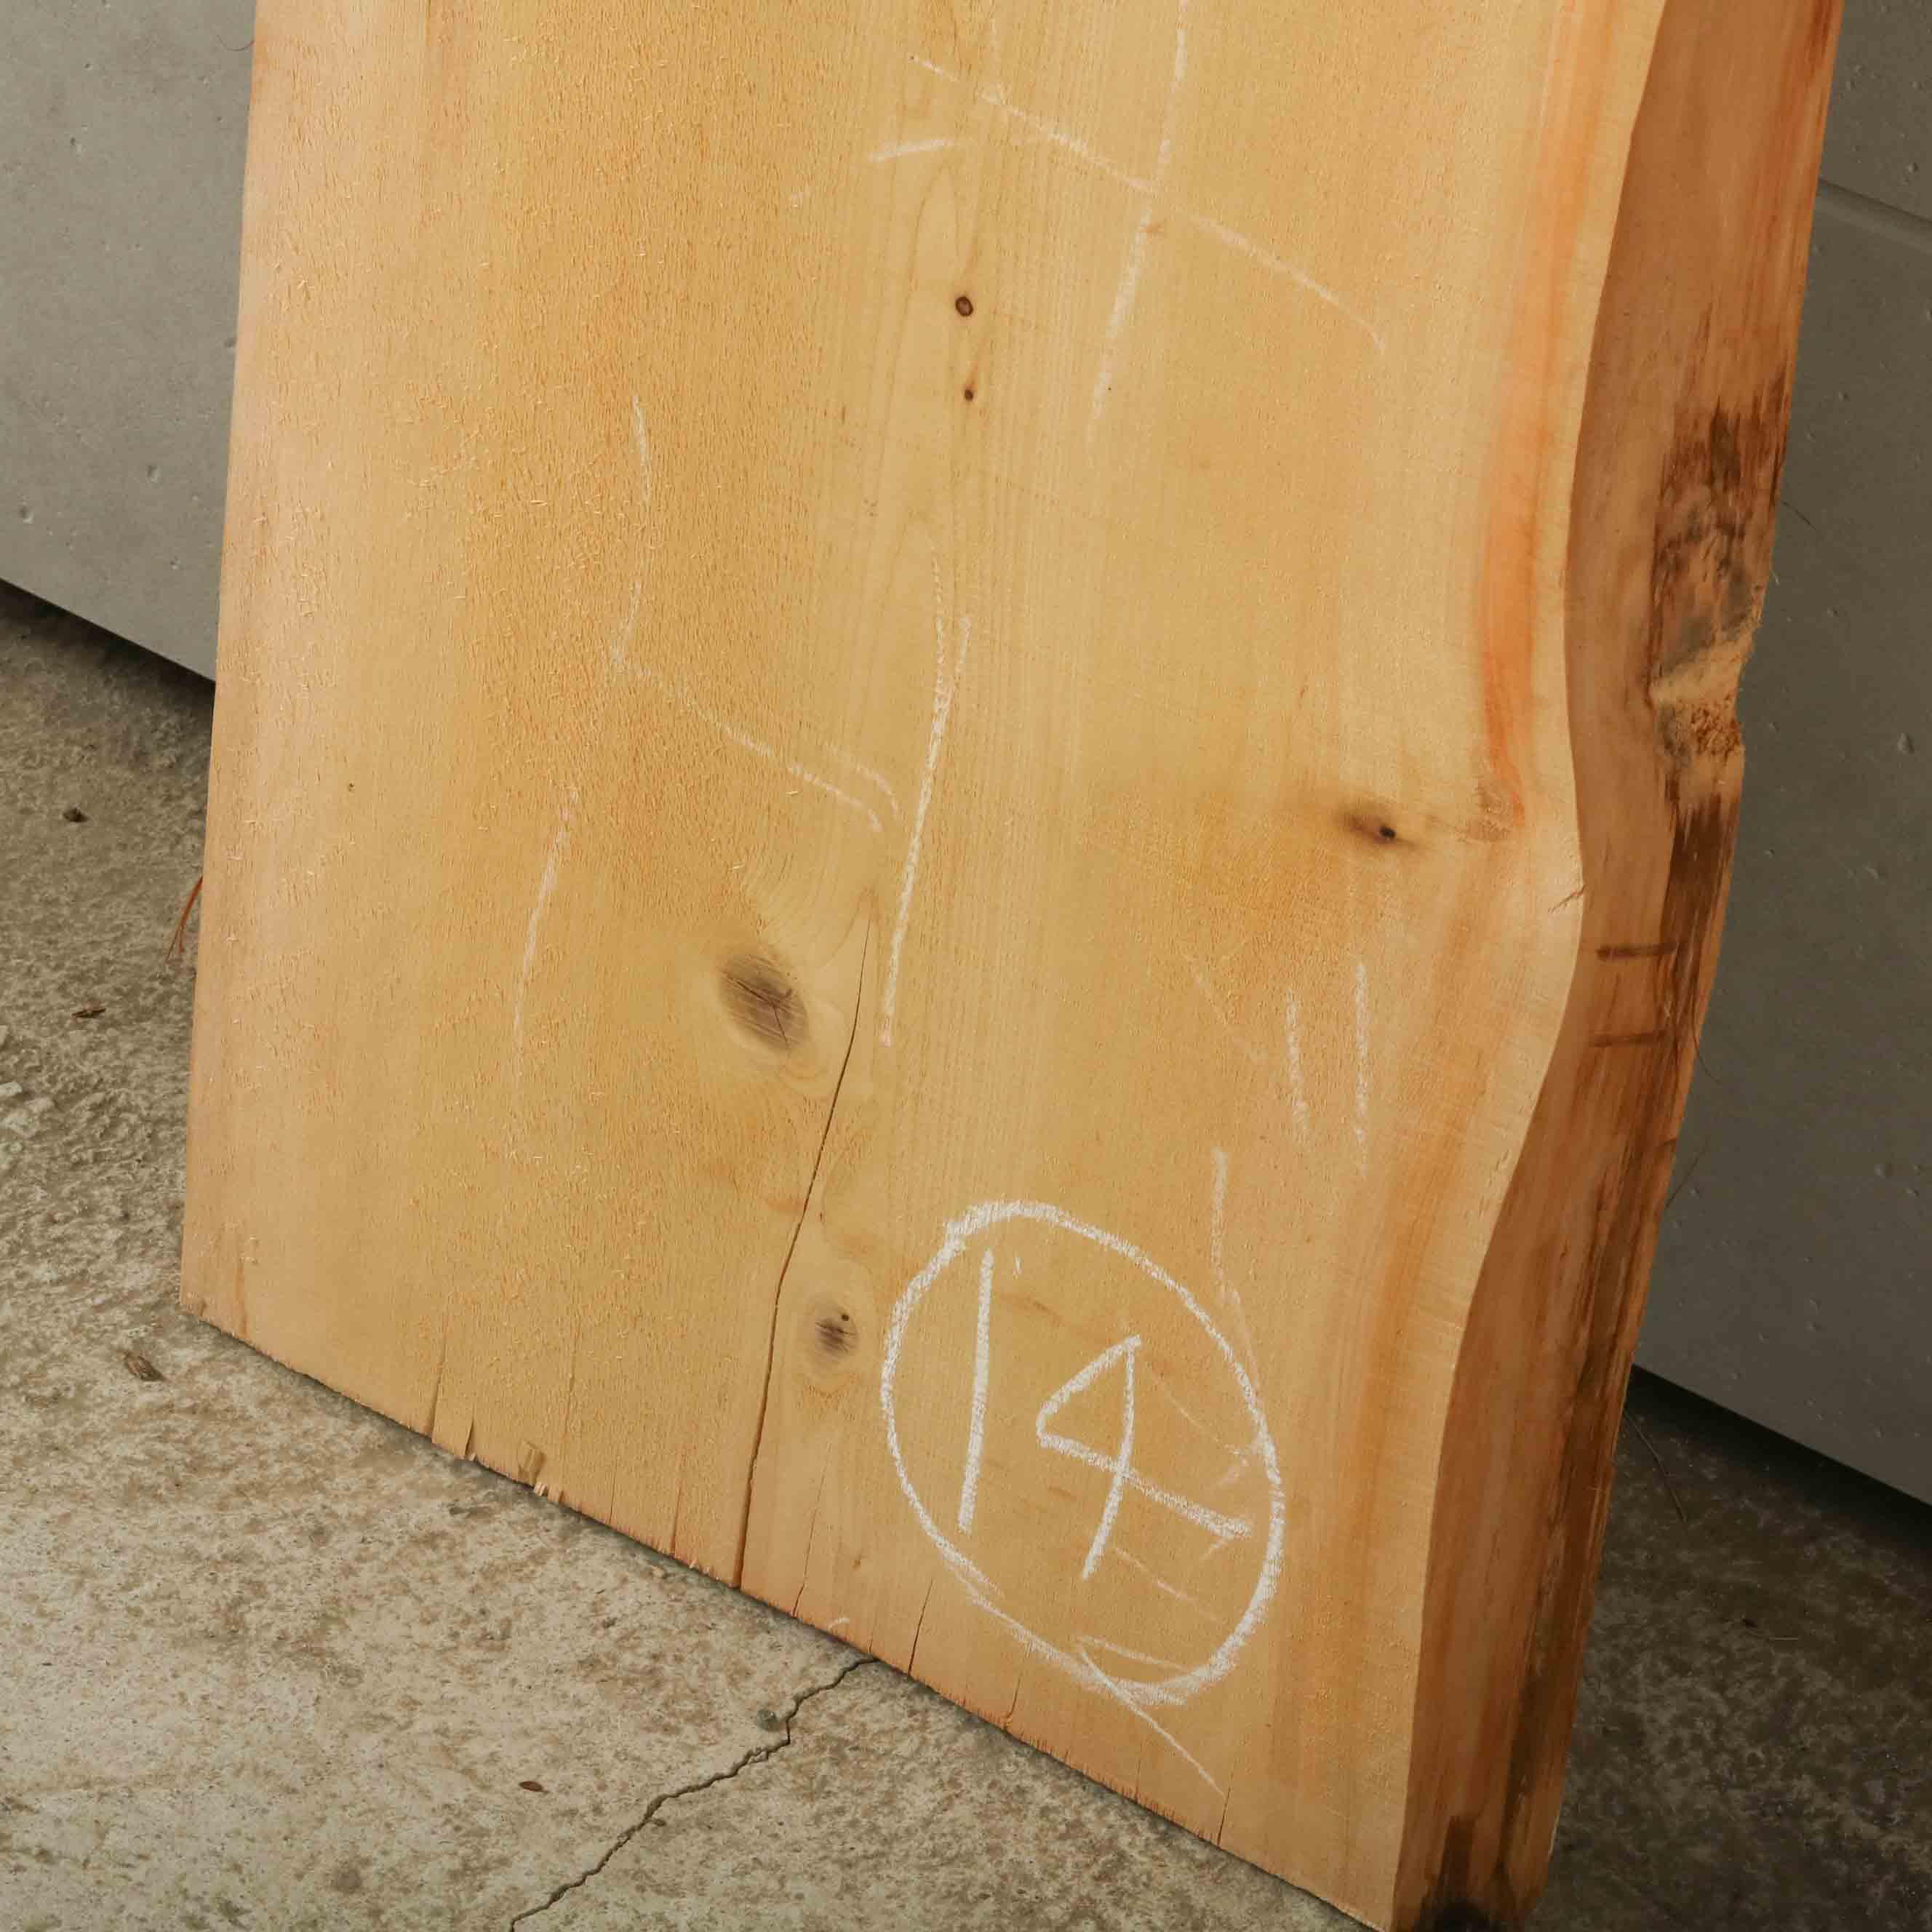 16-014 檜葉 (ヒバ) 一枚板 有限会社村口産業(下北郡)